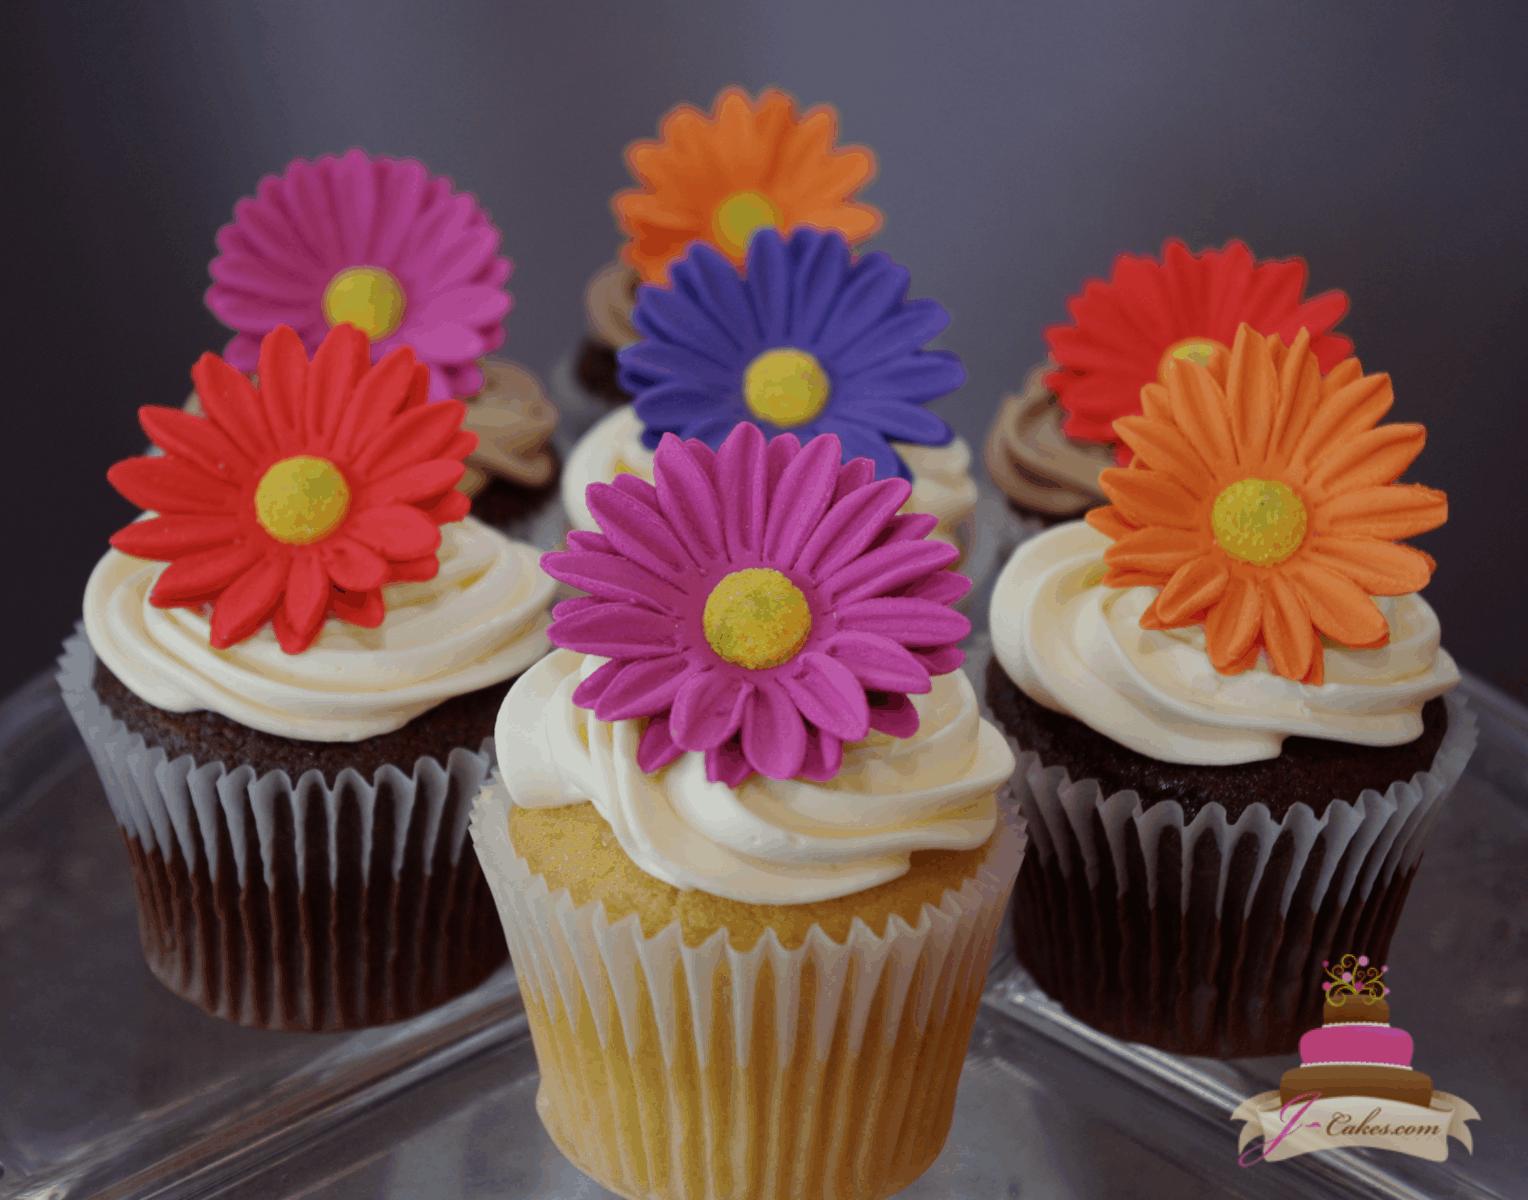 (651) Gerbera Daisy Cupcakes